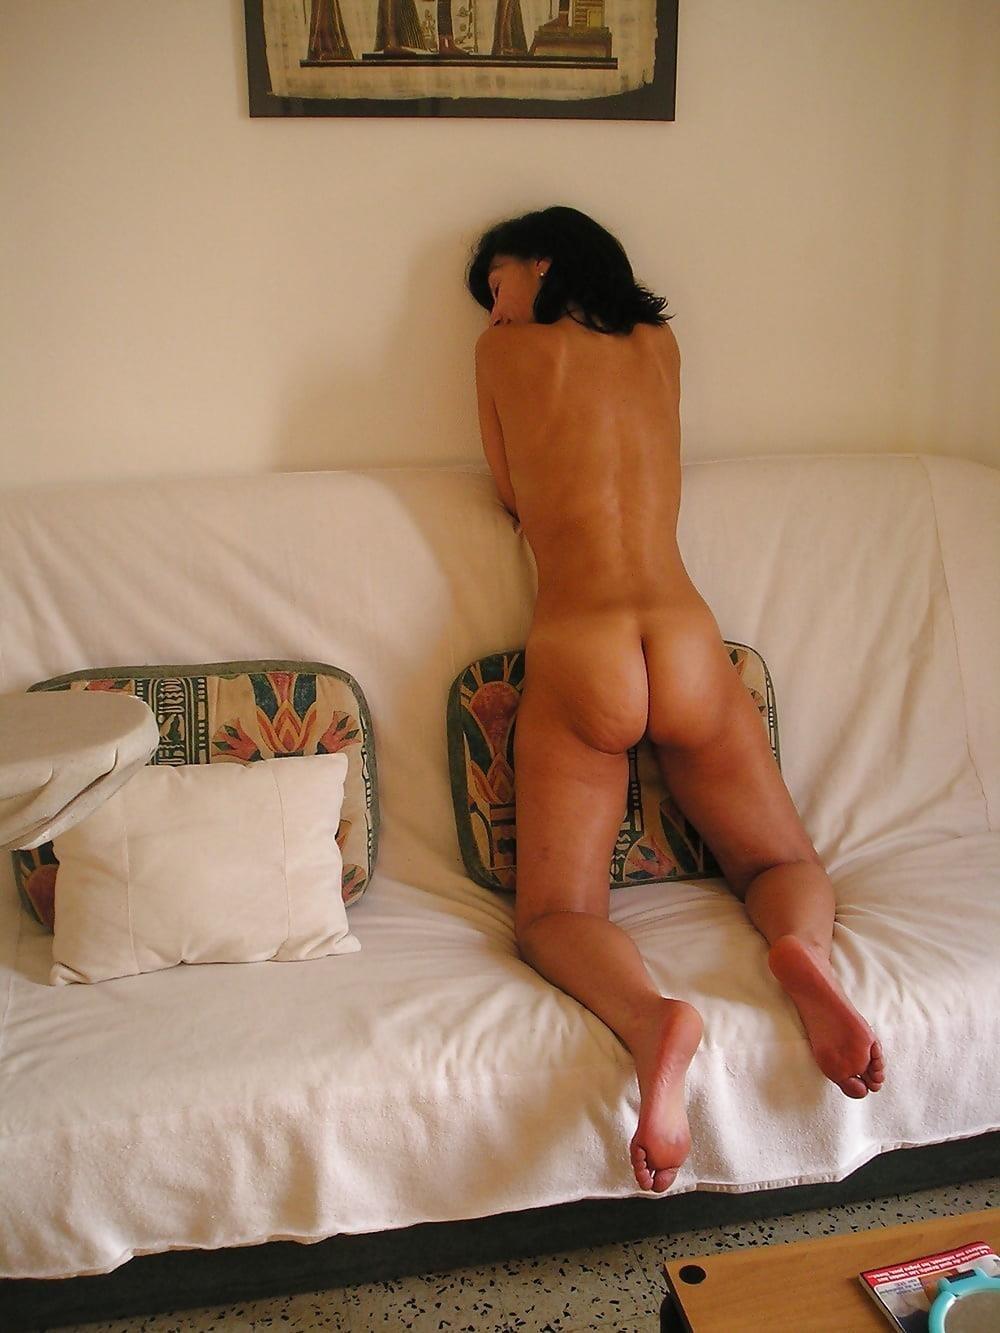 Hot girls bathing naked-2870